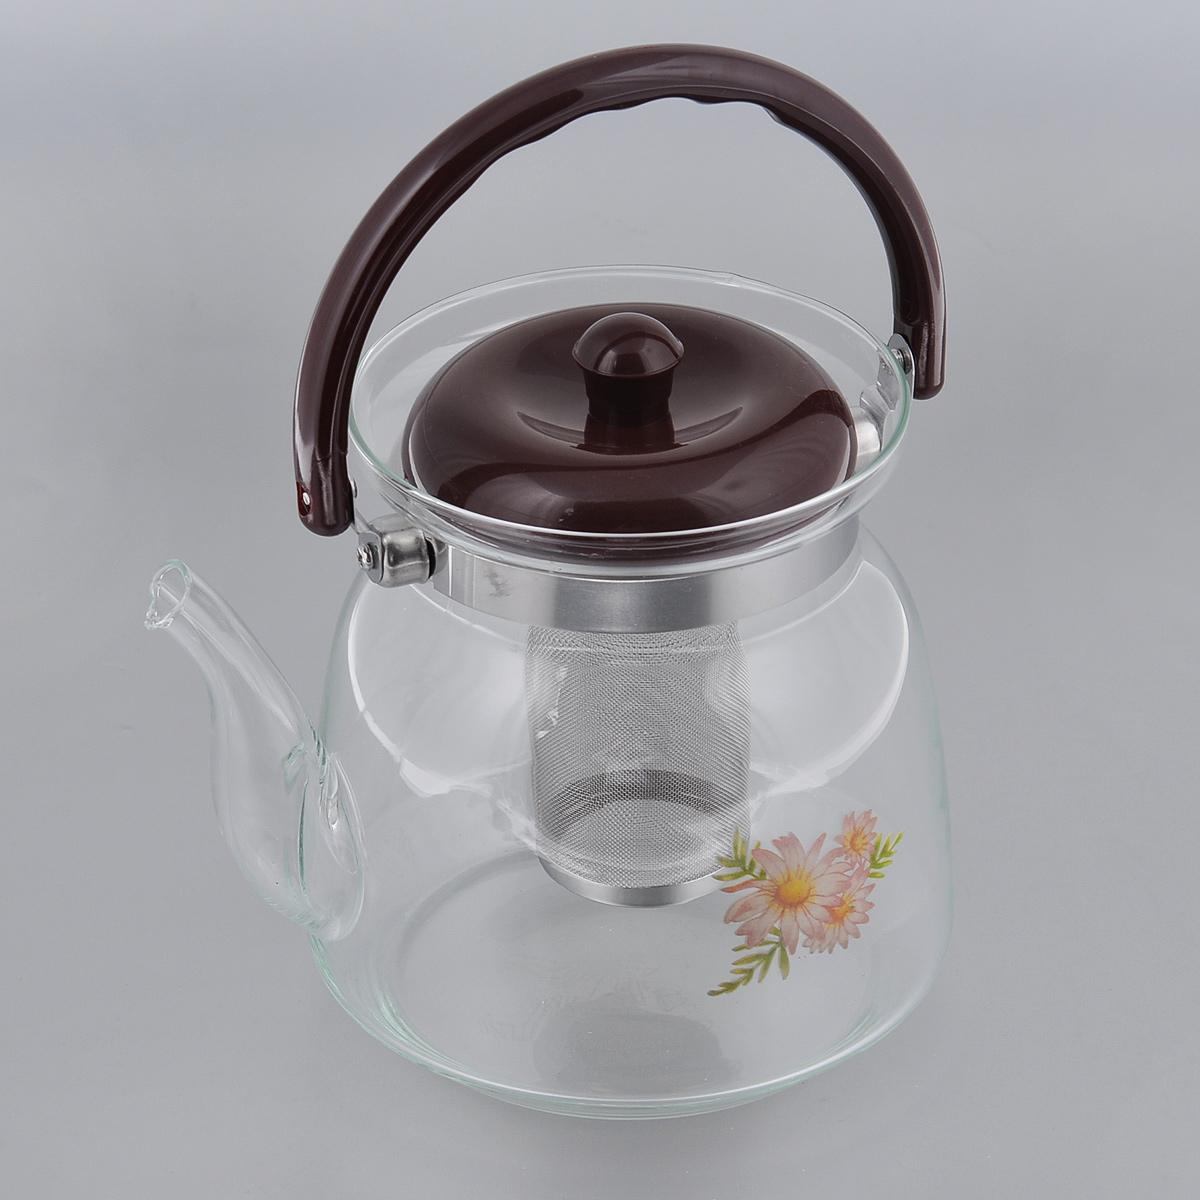 Чайник заварочный Bradex. TK 003868/5/4Заварочный чайник Bradex выполнен из высокопрочного термостойкого стекла, которое не потрескается даже от перепадов температур. Надежная и прочная крышка выполнена из качественного пластика, устойчивого к повреждениям. Чайник оснащен специальным фильтром, который задерживает чаинки и помогает вам получить на выходе вкусный и чистый ароматный напиток. Также предусмотрена удобная ручка.Благодаря своей конструкции такой чайник одновременно выполняет две функции: сквозь стенки такого чайника можно с легкостью разглядеть консистенцию и крепость завариваемого чая, а также такой вид чайника будет смотреться крайне эстетично на вашем столе.Диаметр чайника (по верхнему краю): 13 см. Высота чайника: 17 см. Высота фильтра: 9 см.